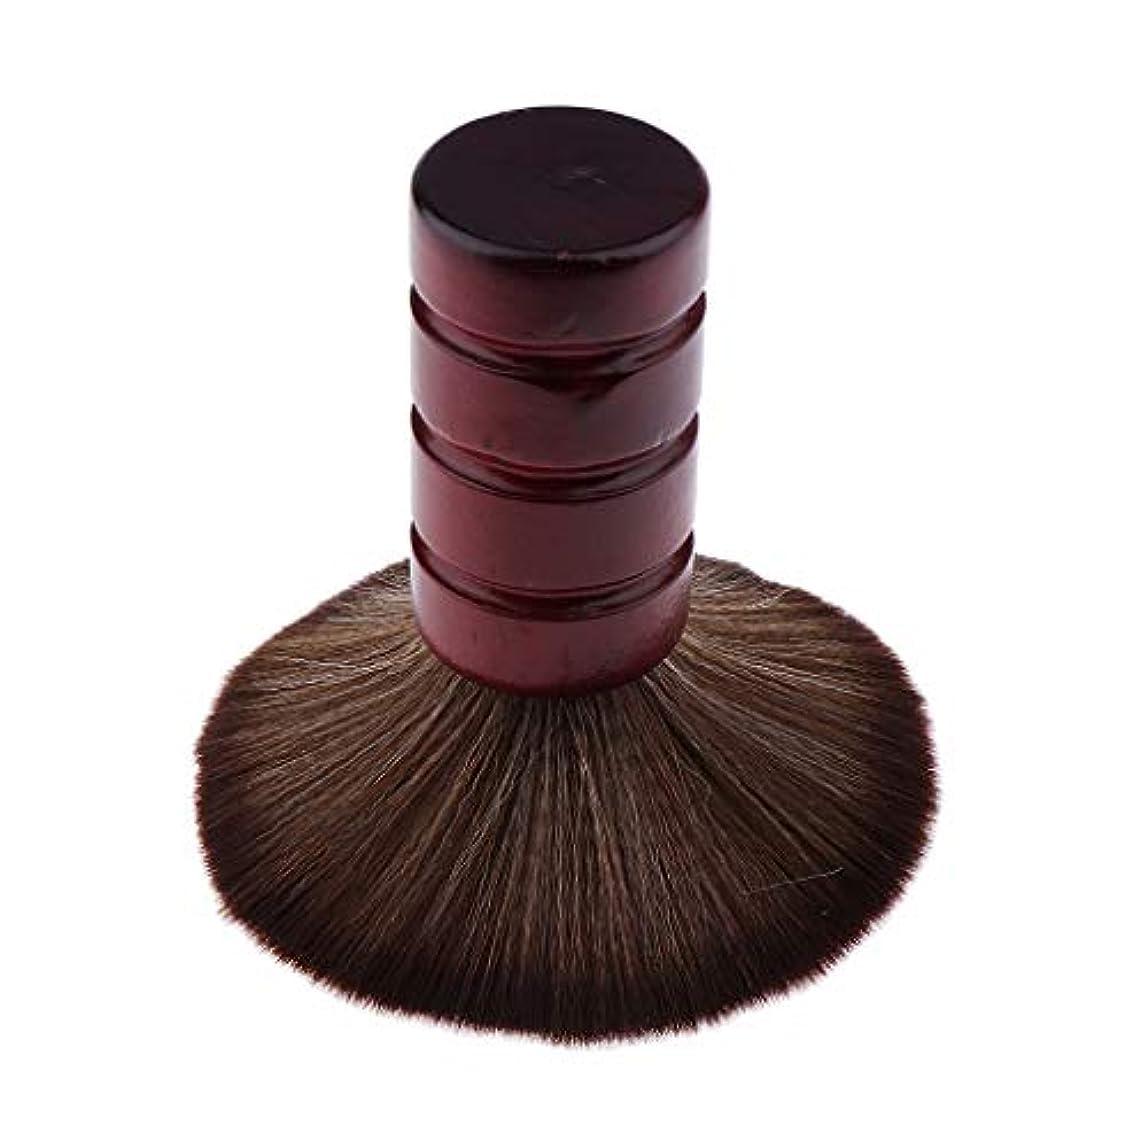 悪行第手つかずのヘアカット ネックダスターブラシ バーバー ヘアーサロン シェービング 美容ブラシ